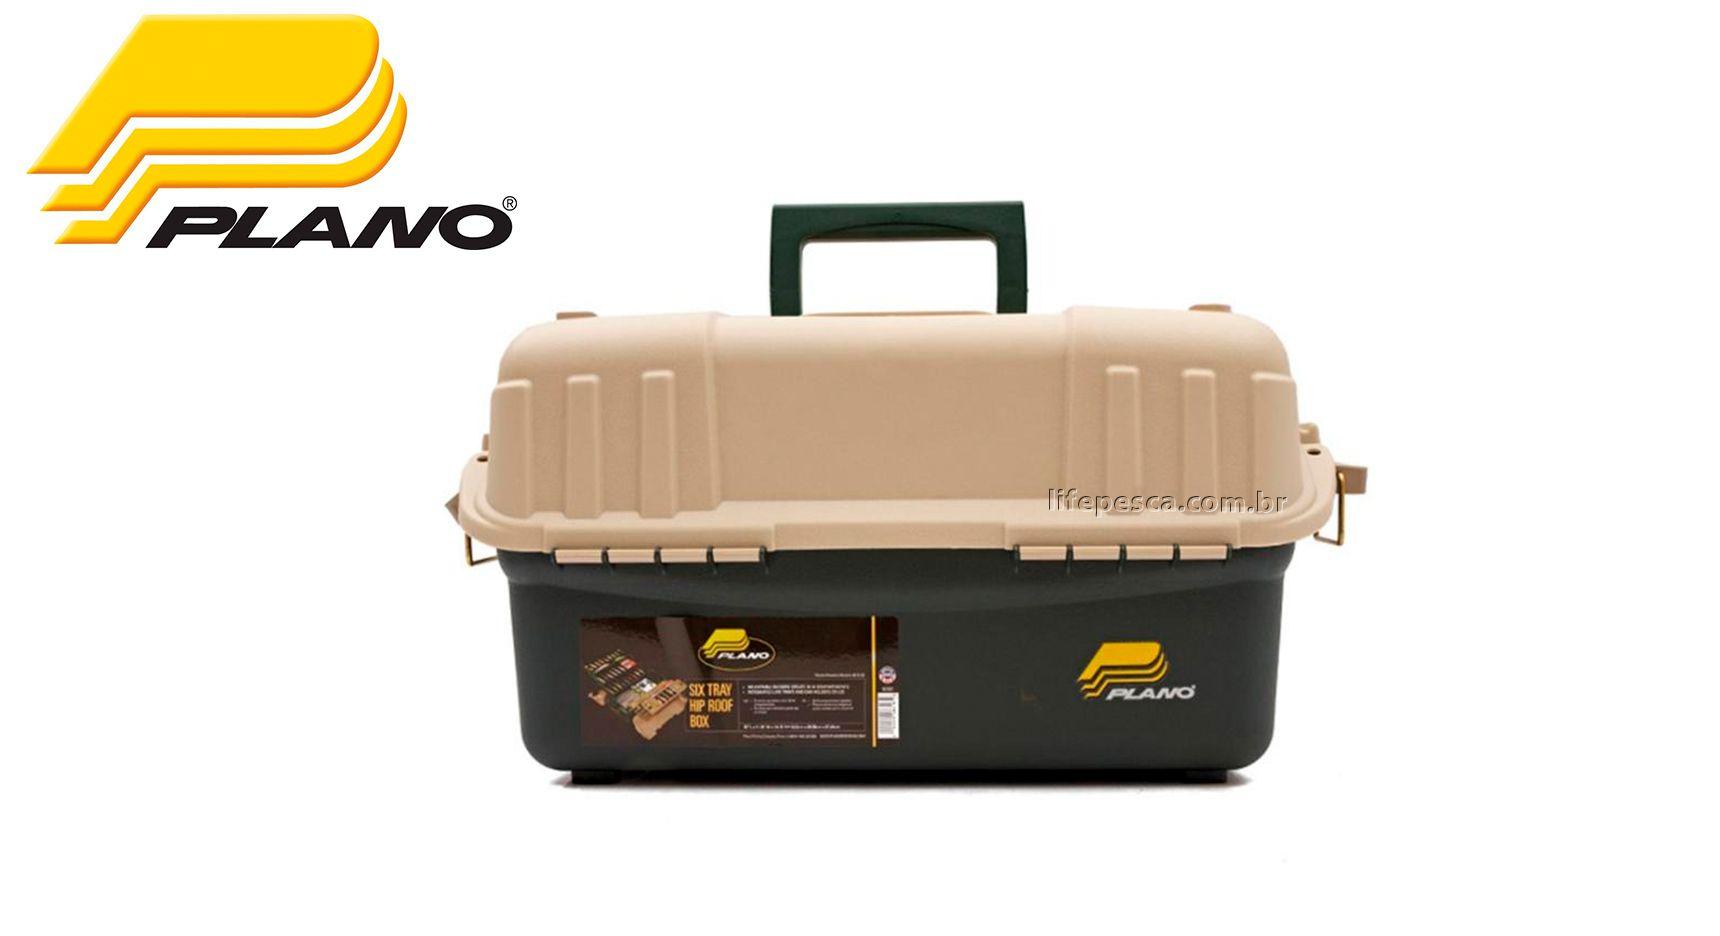 Caixa de Pesca Plano - 6 Bandejas Magnum - 881600